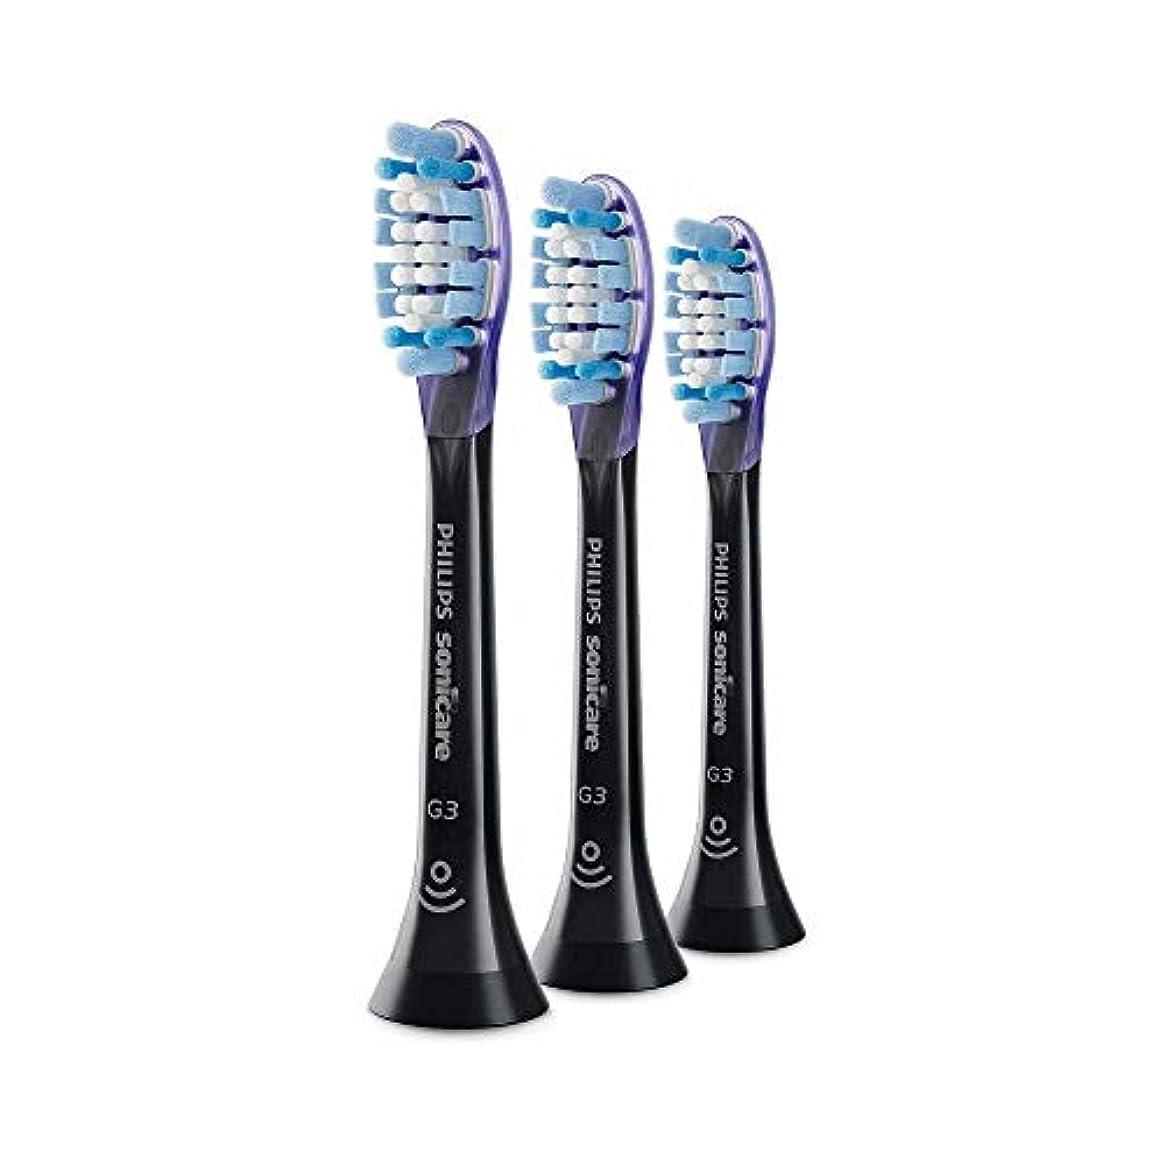 賛美歌松の木稚魚Philips HX9053 Sonicare G3 Premium GumCare 標準のソニック歯ブラシヘッド Black [並行輸入品]